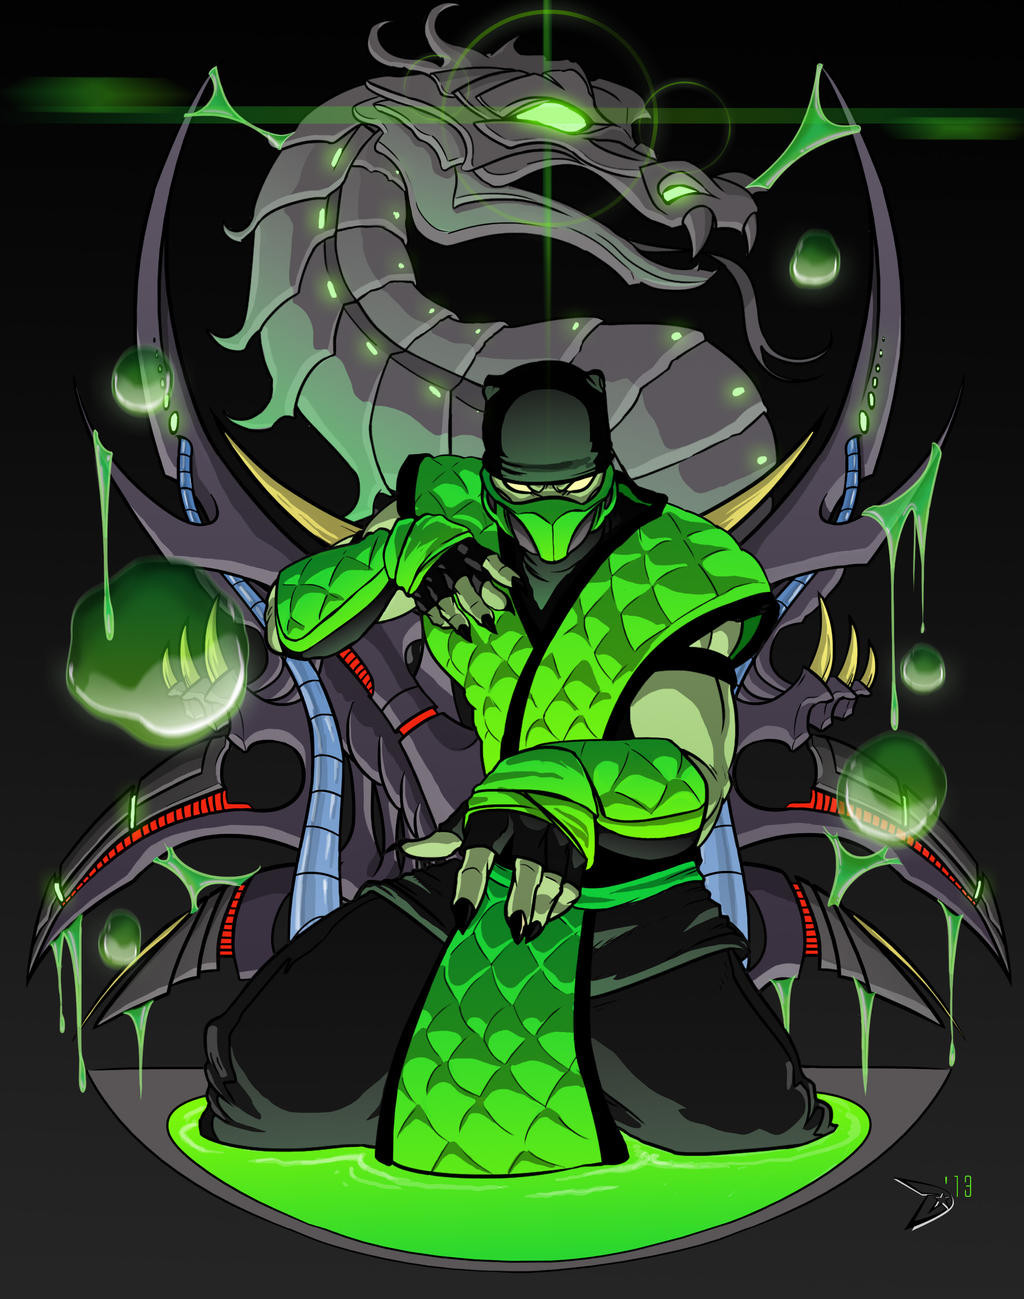 Mortal kombat rebirth reptile